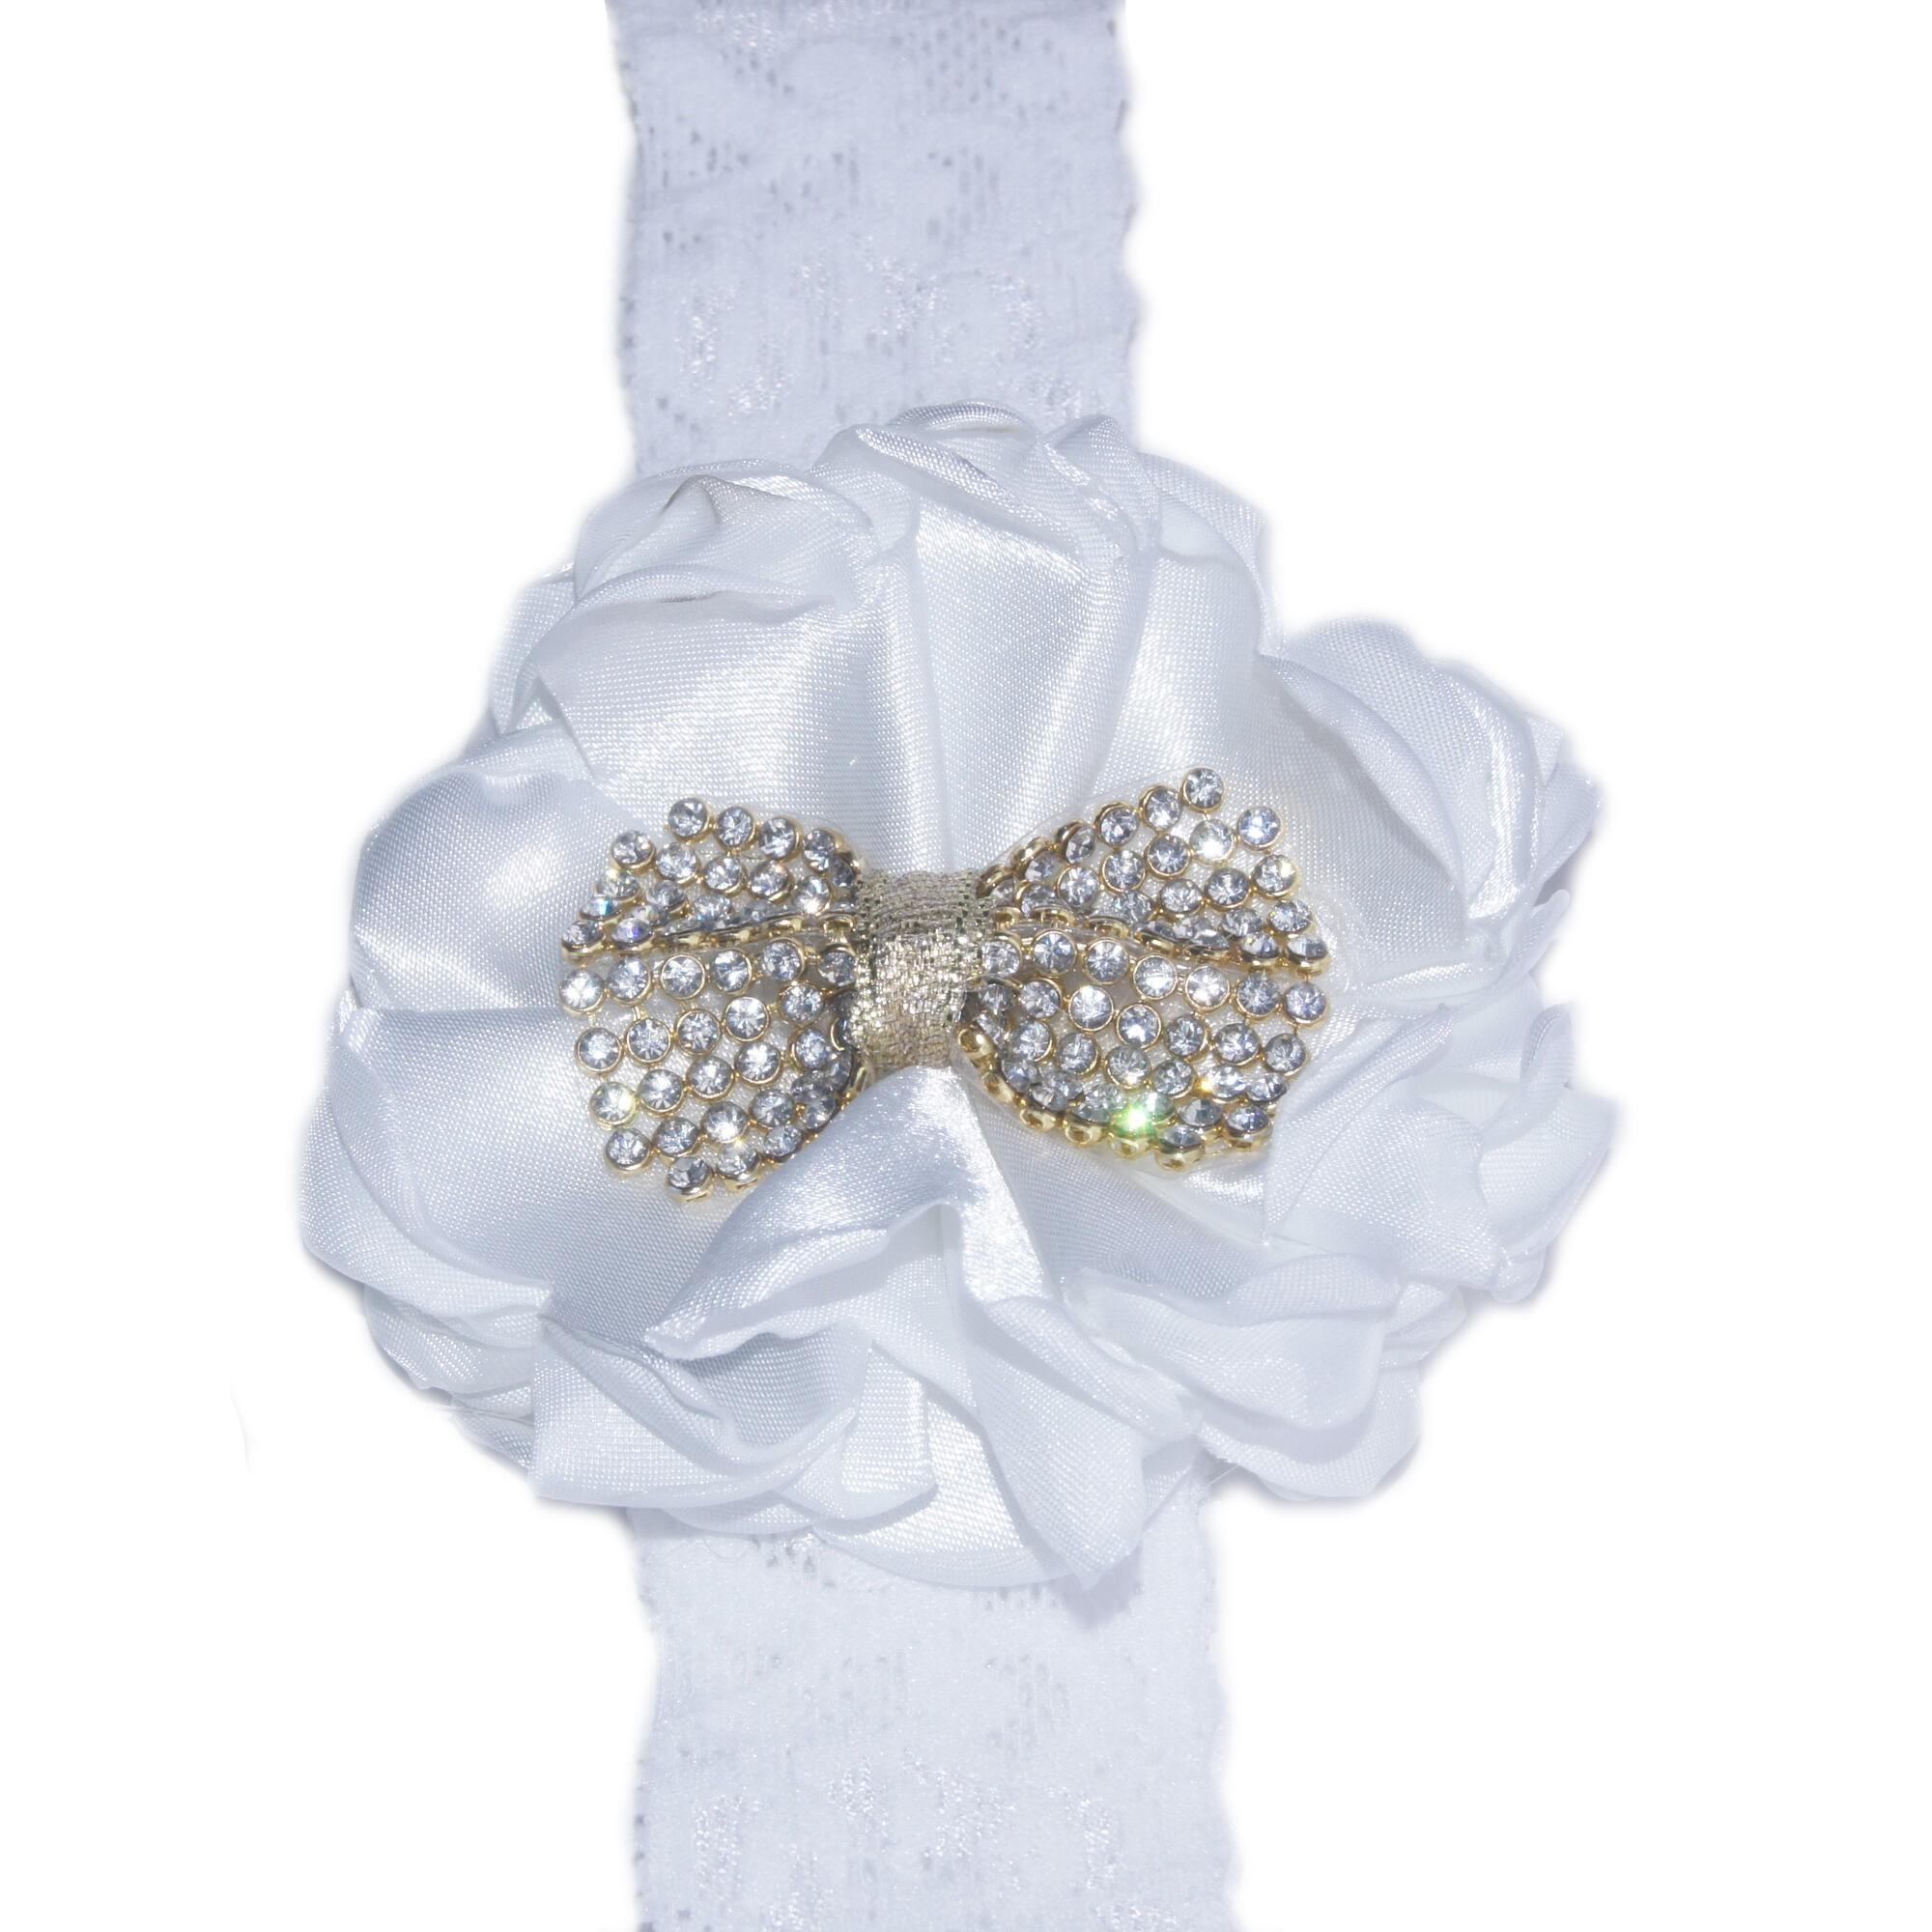 Faixa Renda Branca com Flor Branca e Laço Dourado